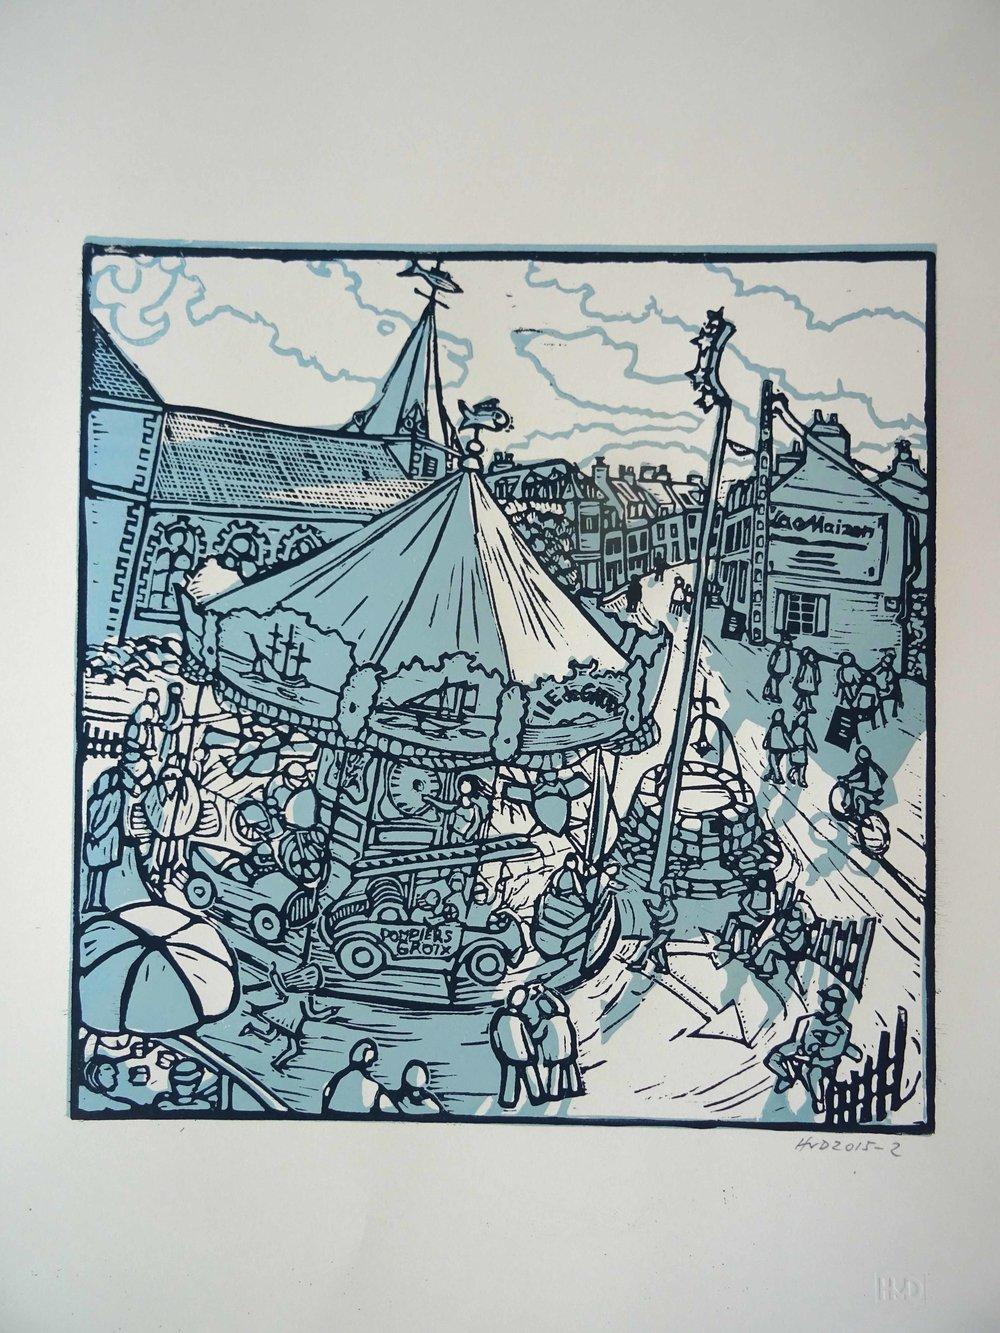 152 - Manège de Groix, 2-plate lino 31x30 cm, 80 €